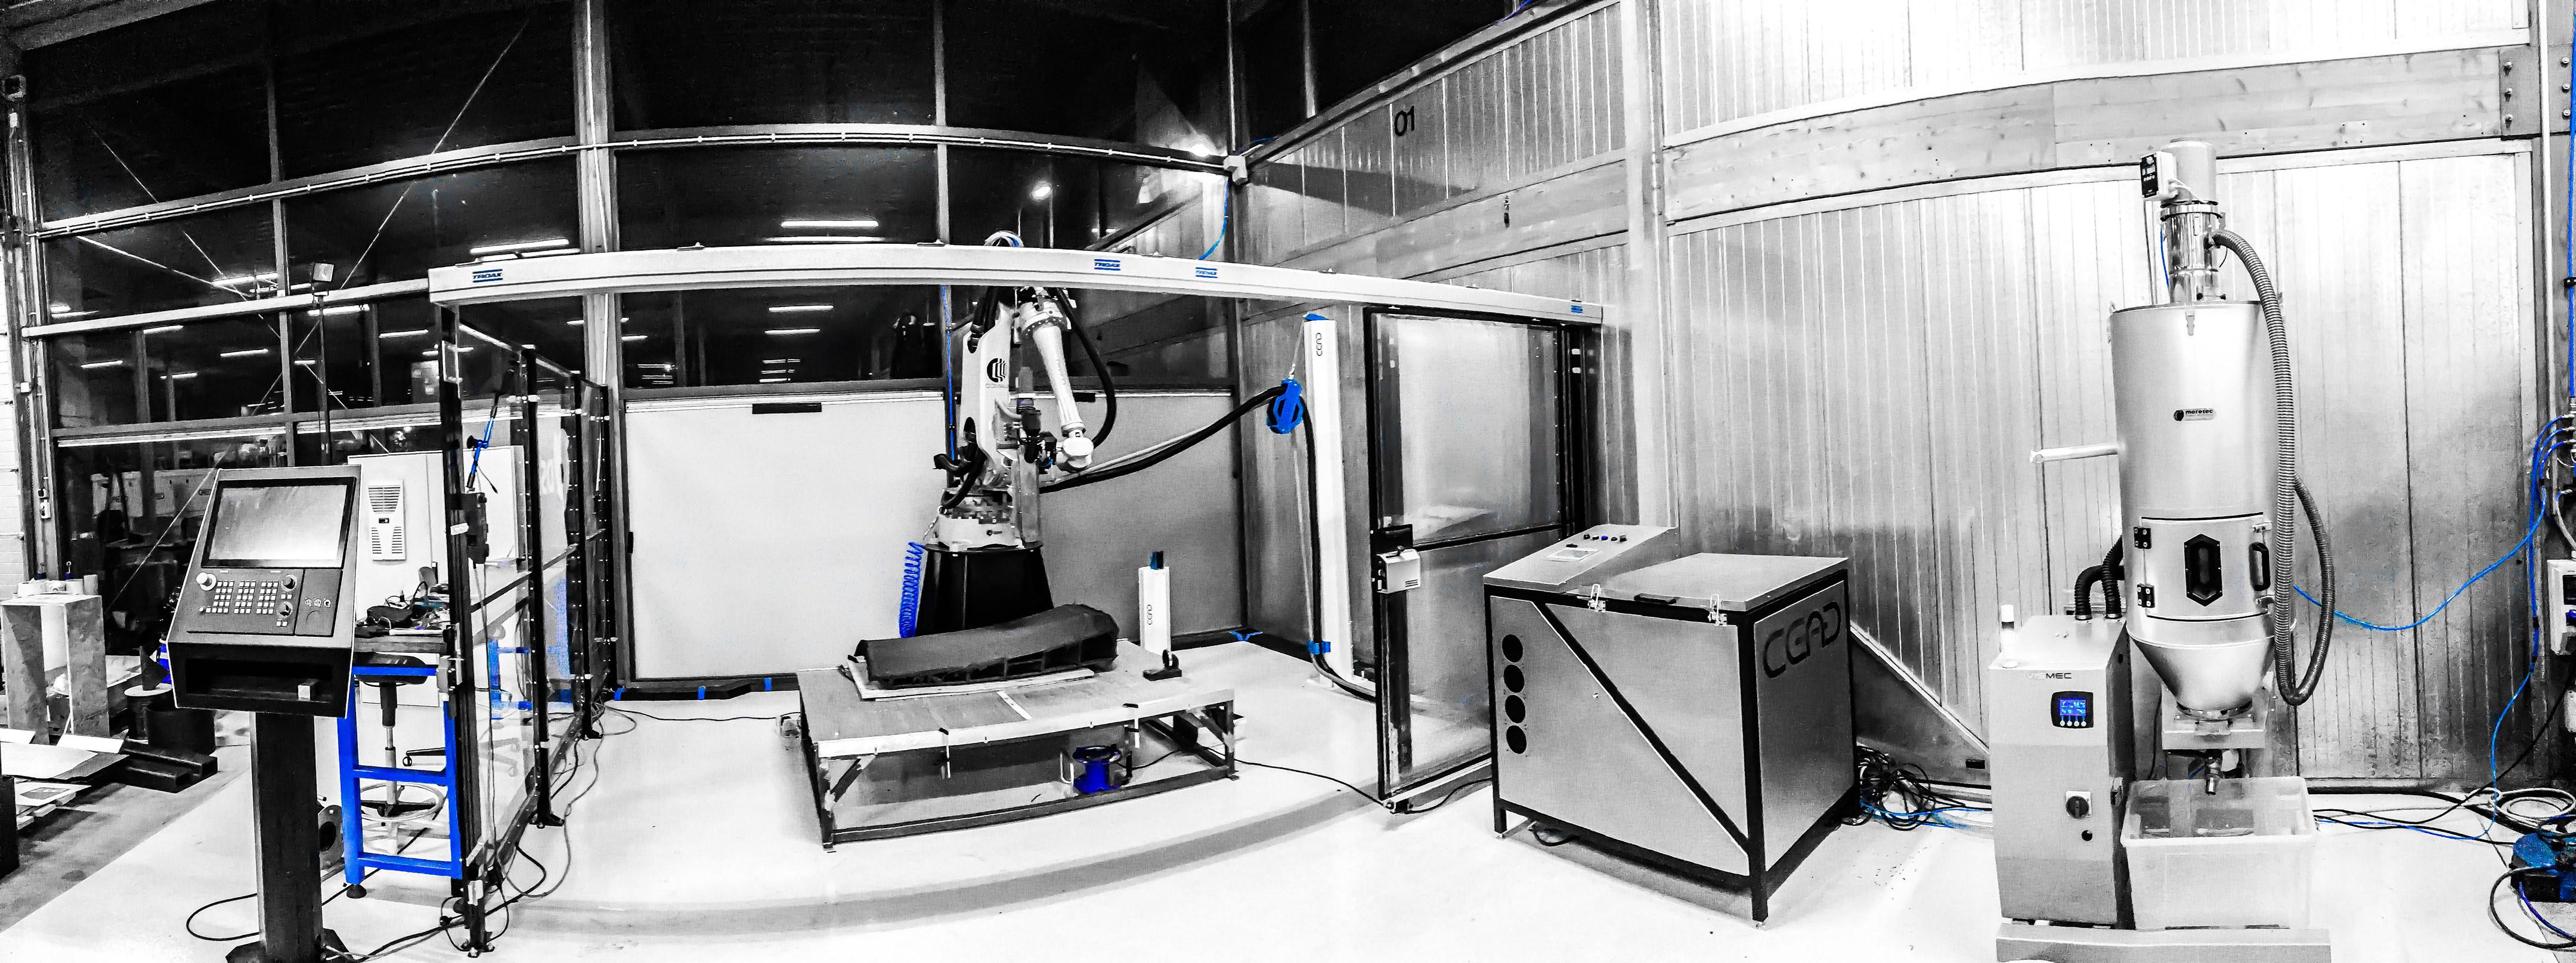 Dank Gantry-Bauweise und einem üppig dimensionierten Roboterarm kann der AM Flexbot faserverstärkte Grossbauteile bis zu einem Format von 4 × 2 × 1,5 m drucken. (Bild: Siemens)